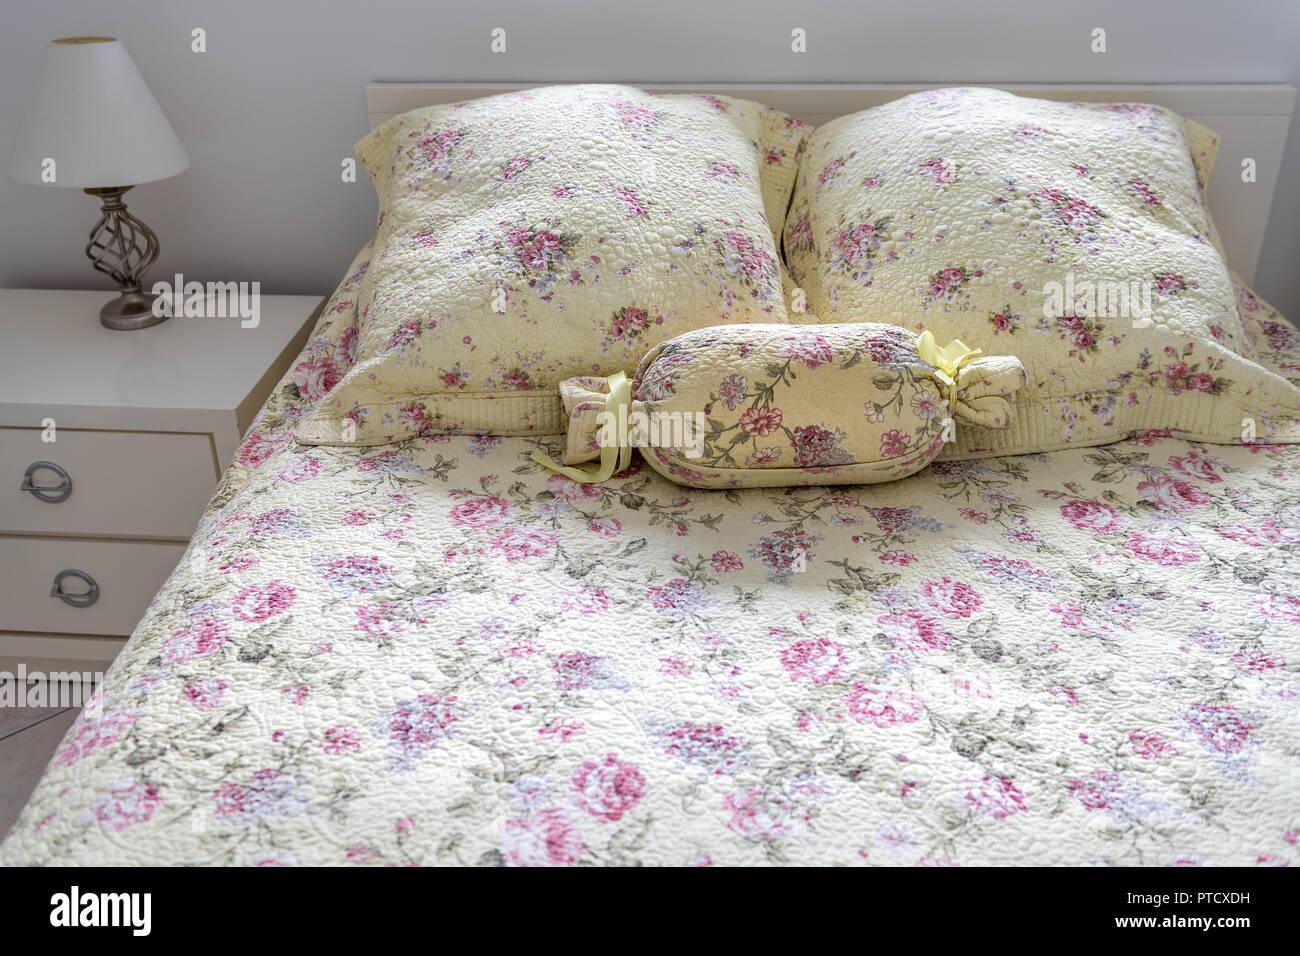 vintage old fashioned bedroom with bed comforter quilt duvet rh alamy com